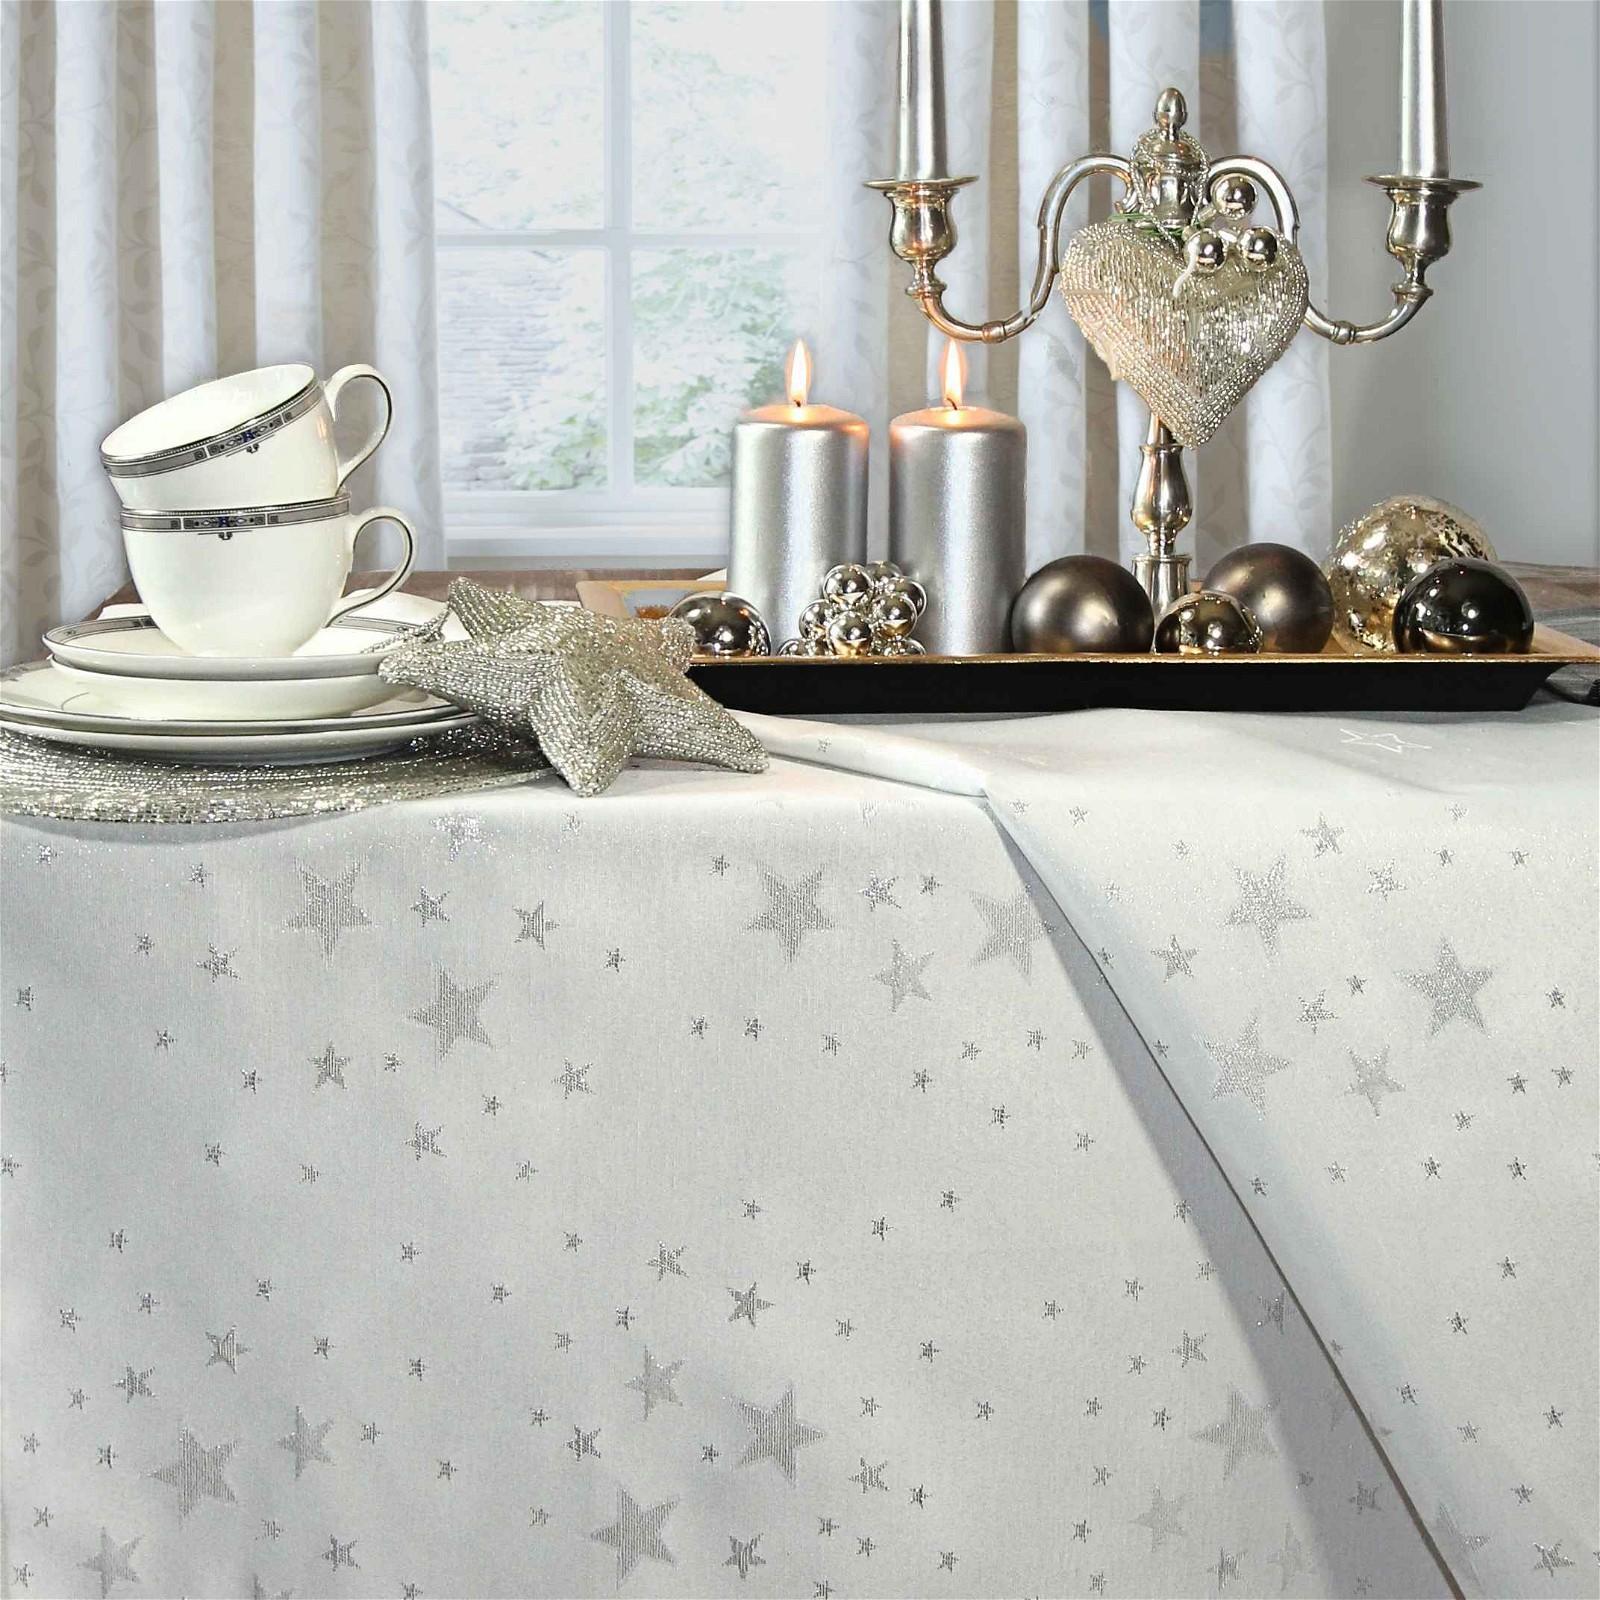 weihnachtsservietten sternenhimmel von la tavola. Black Bedroom Furniture Sets. Home Design Ideas